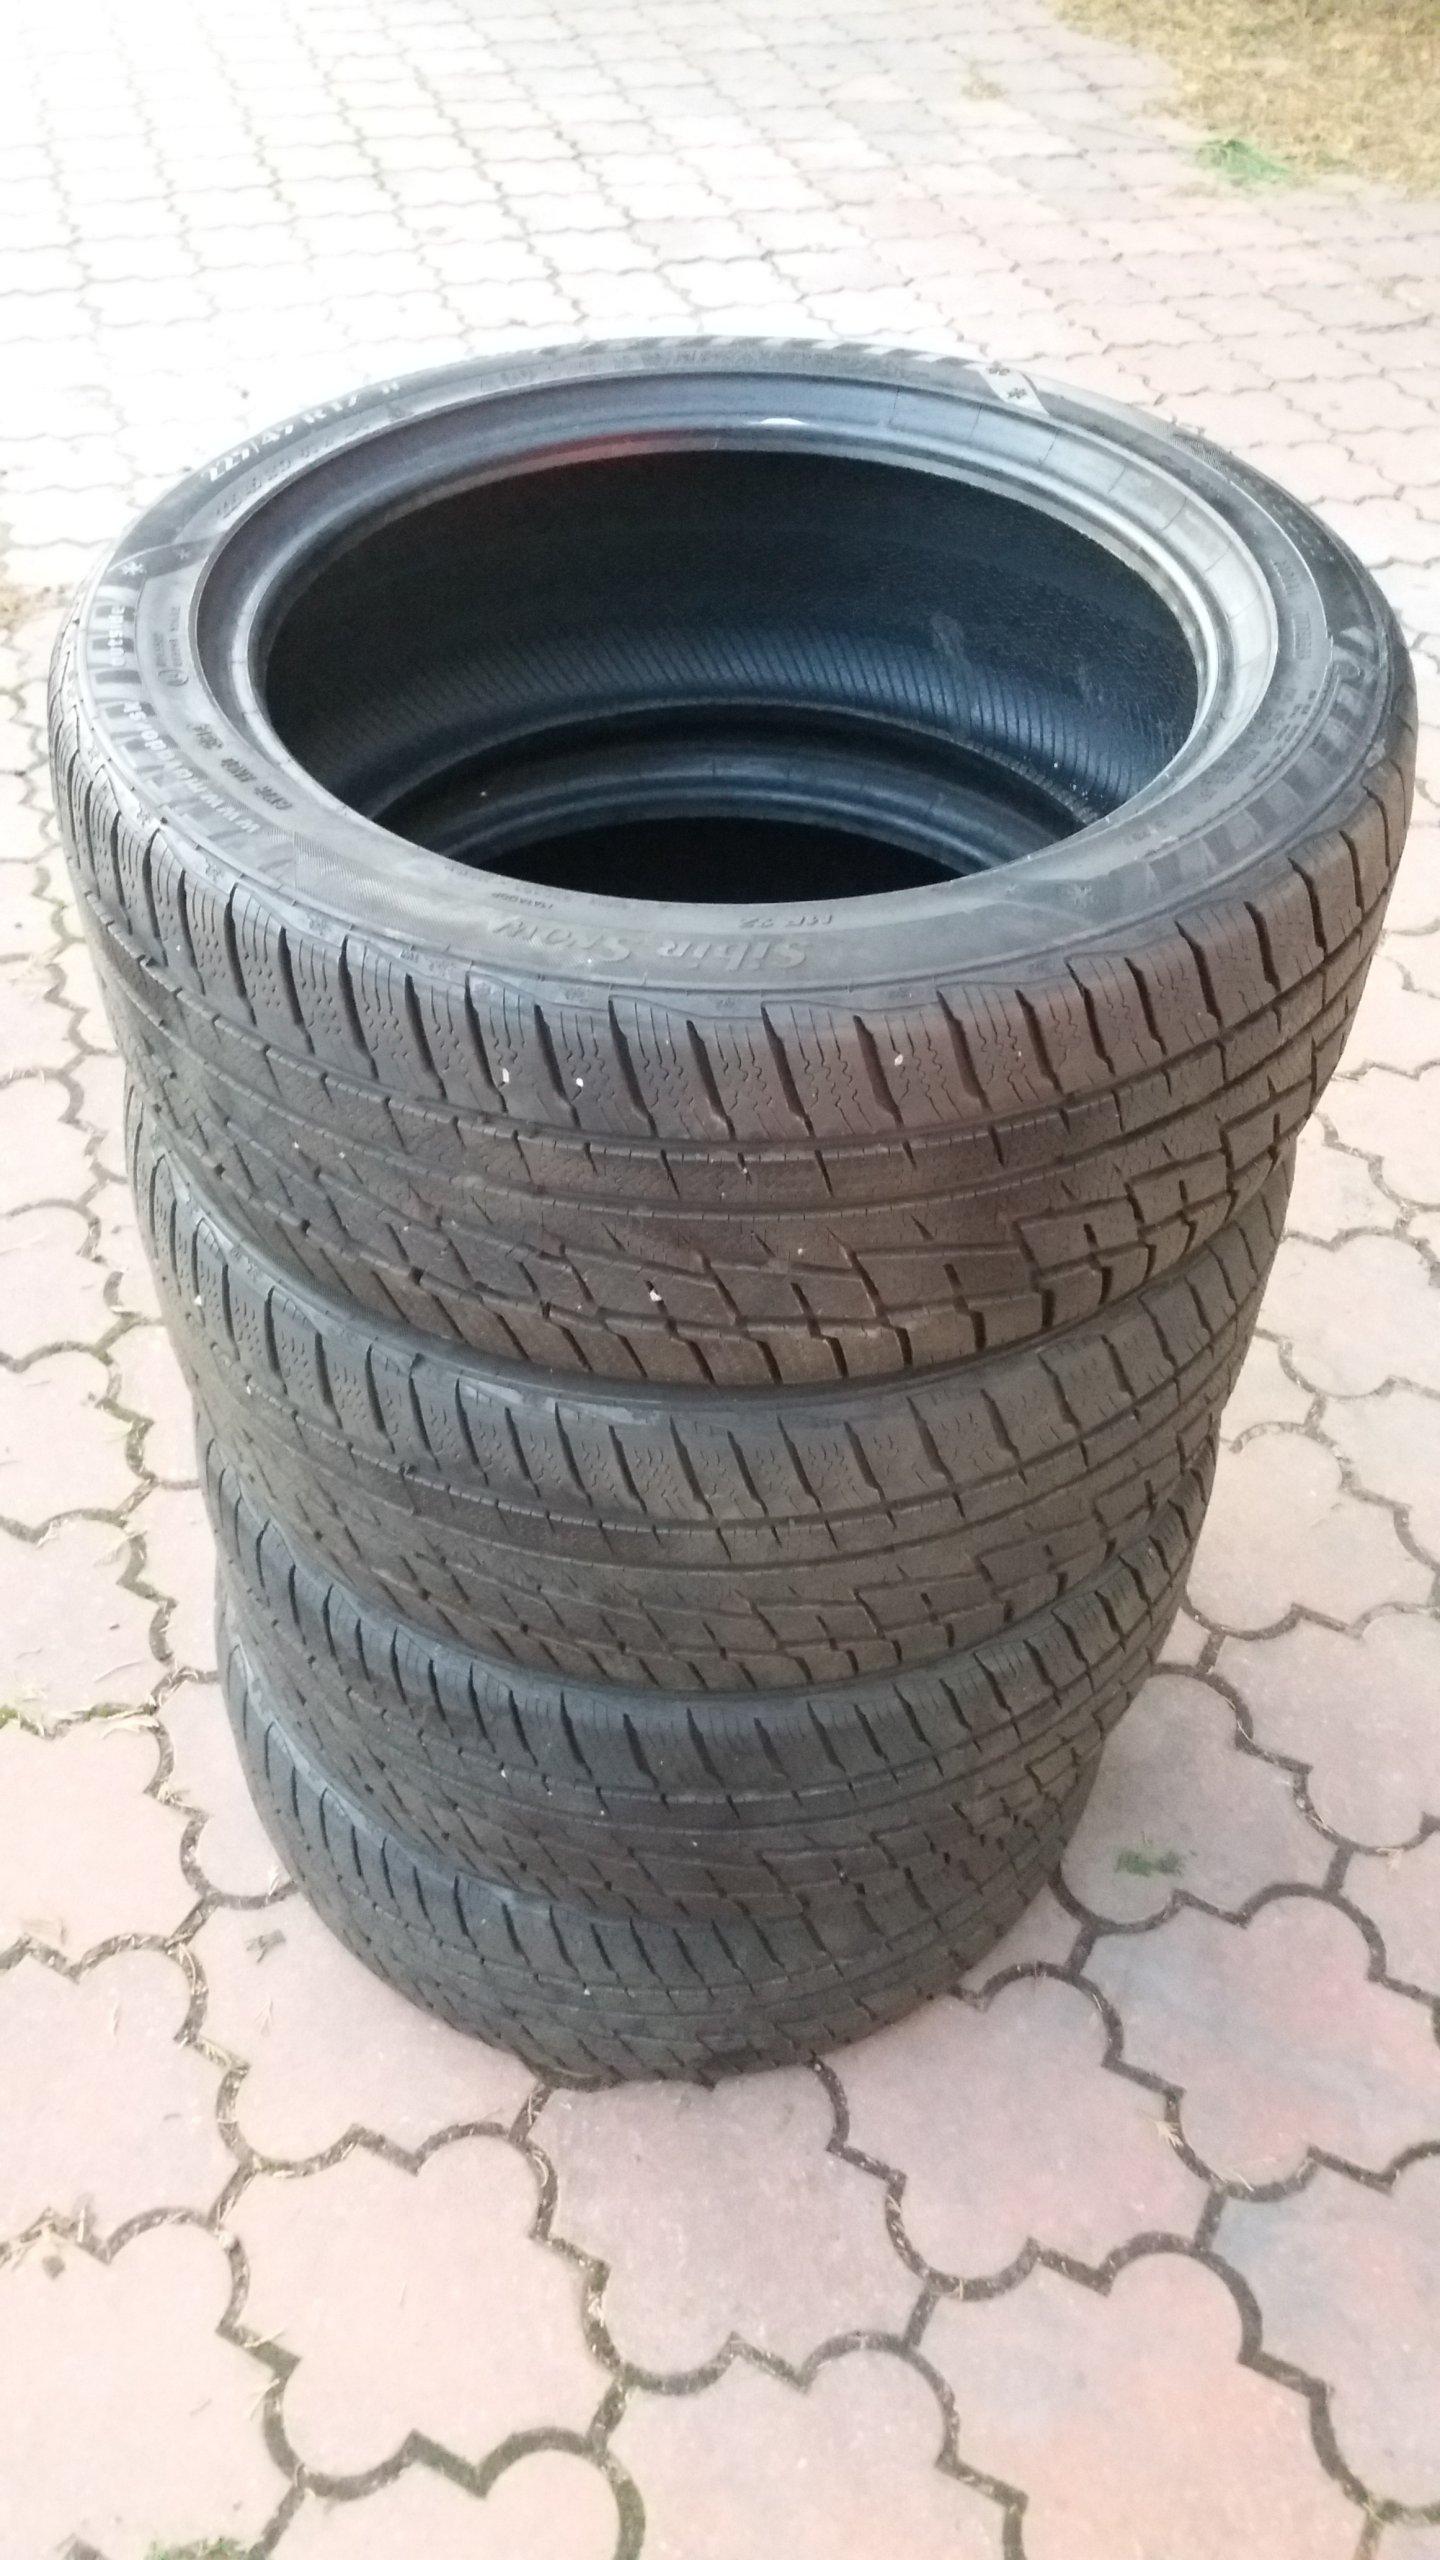 2254517 Matador Opony Zimowe Vw Seat Audi Bmw Mb 7023322951